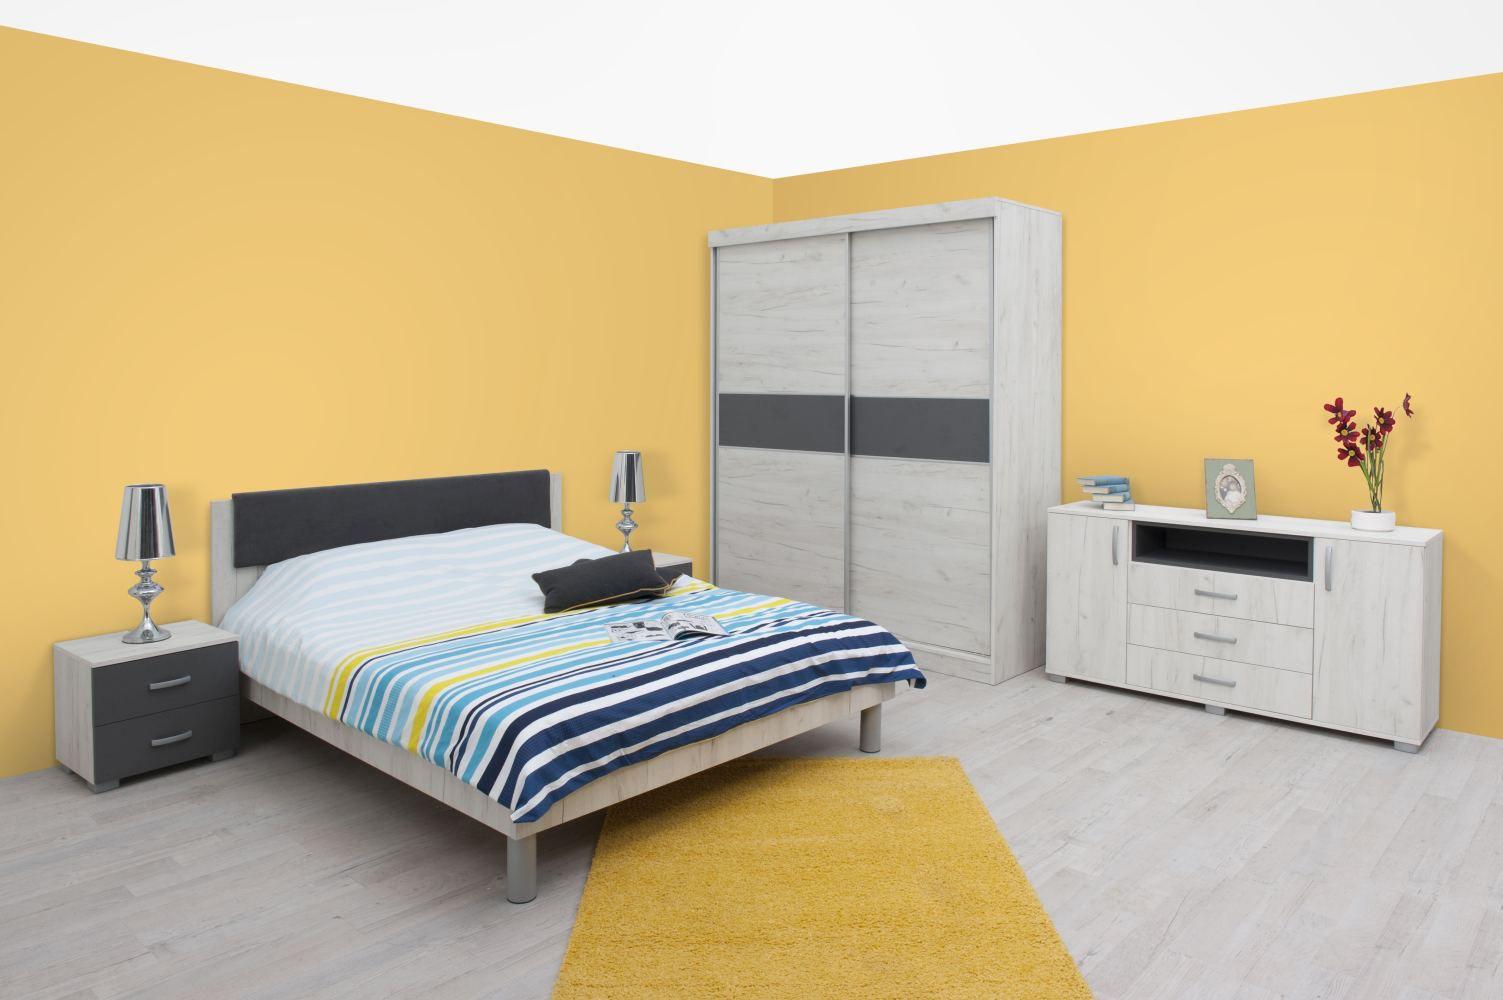 Schlafzimmer Komplett - Set F Bermeo, 6-teilig, Farbe: Eiche Weiß / Anthrazit